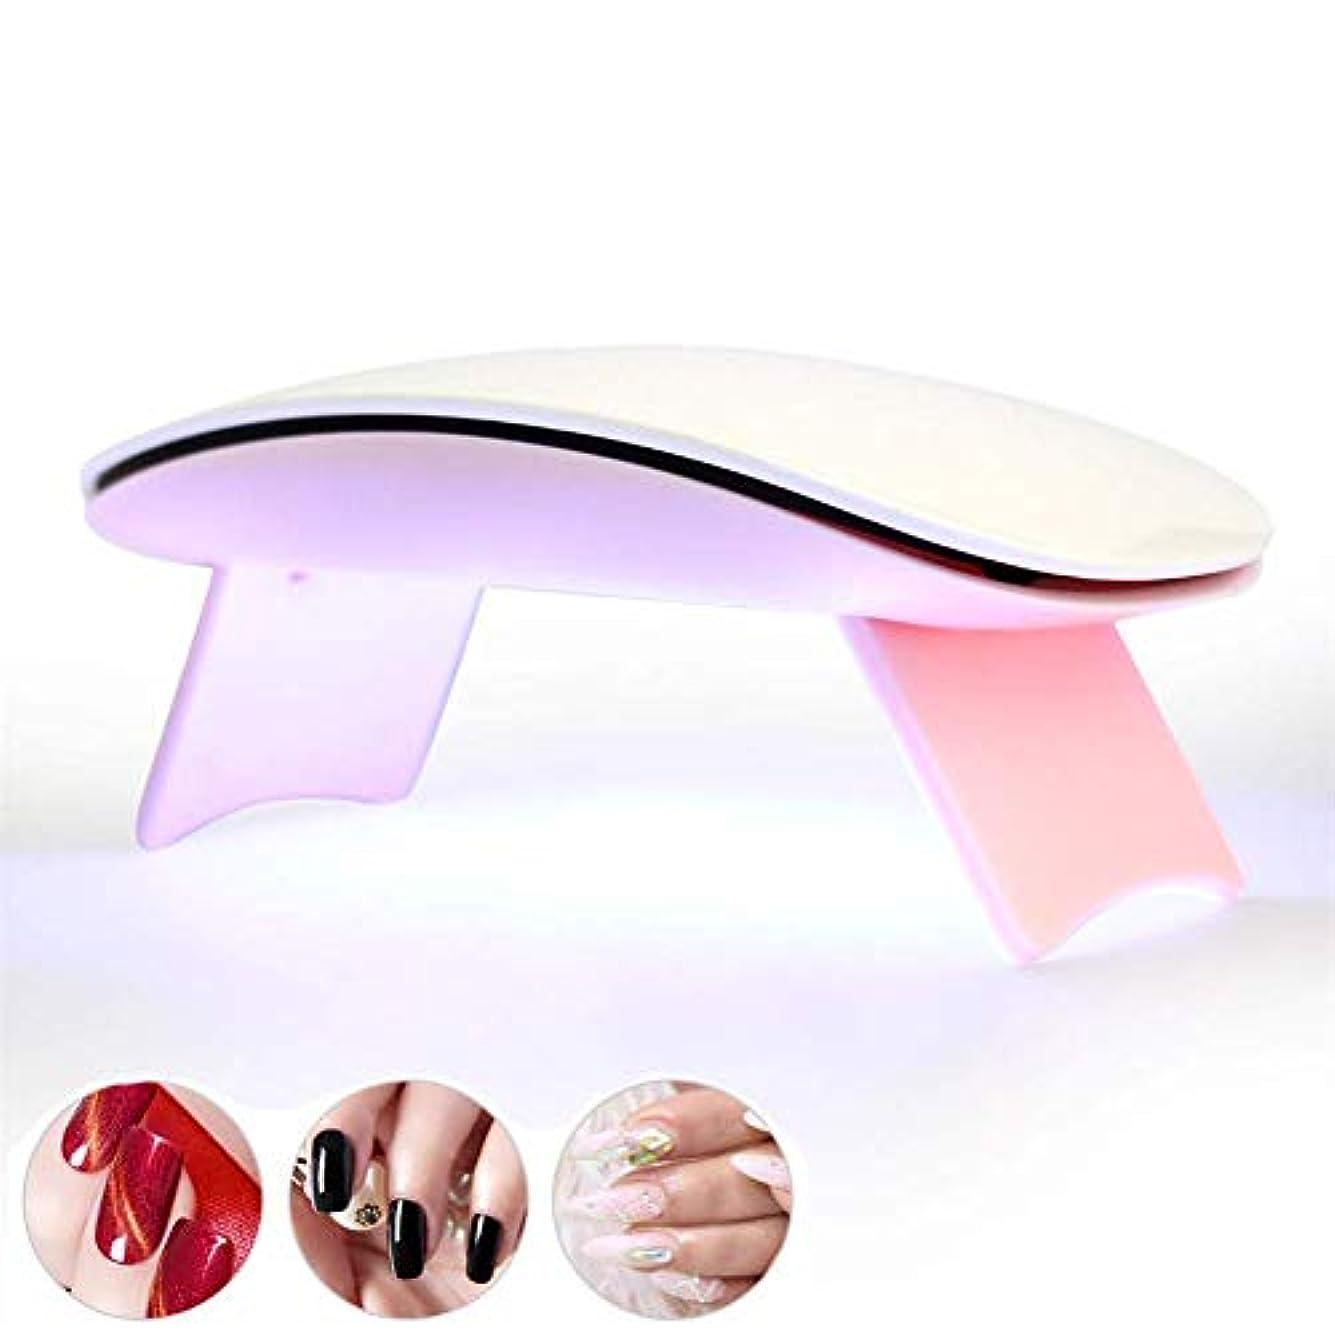 内向き木製危険にさらされているネイル用ランプマニキュアネイルドライヤー用6WポータブルUV LED USB付きバッテリーマシンセラピーワニスランプジェルポリッシュ用、ピンク